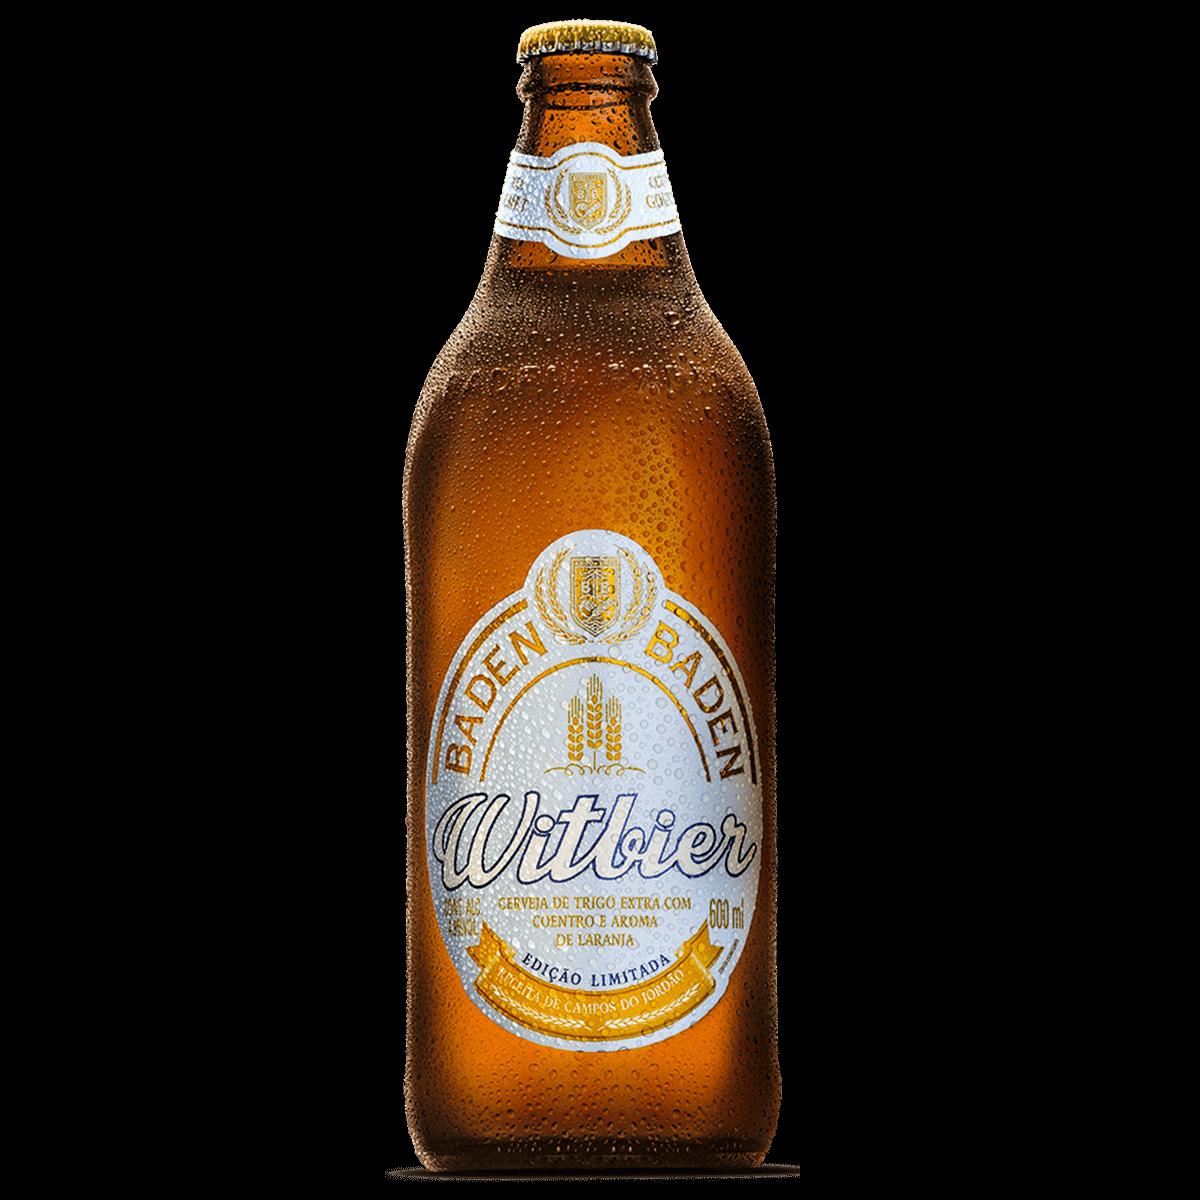 Cerveja Baden Witbier 600ml